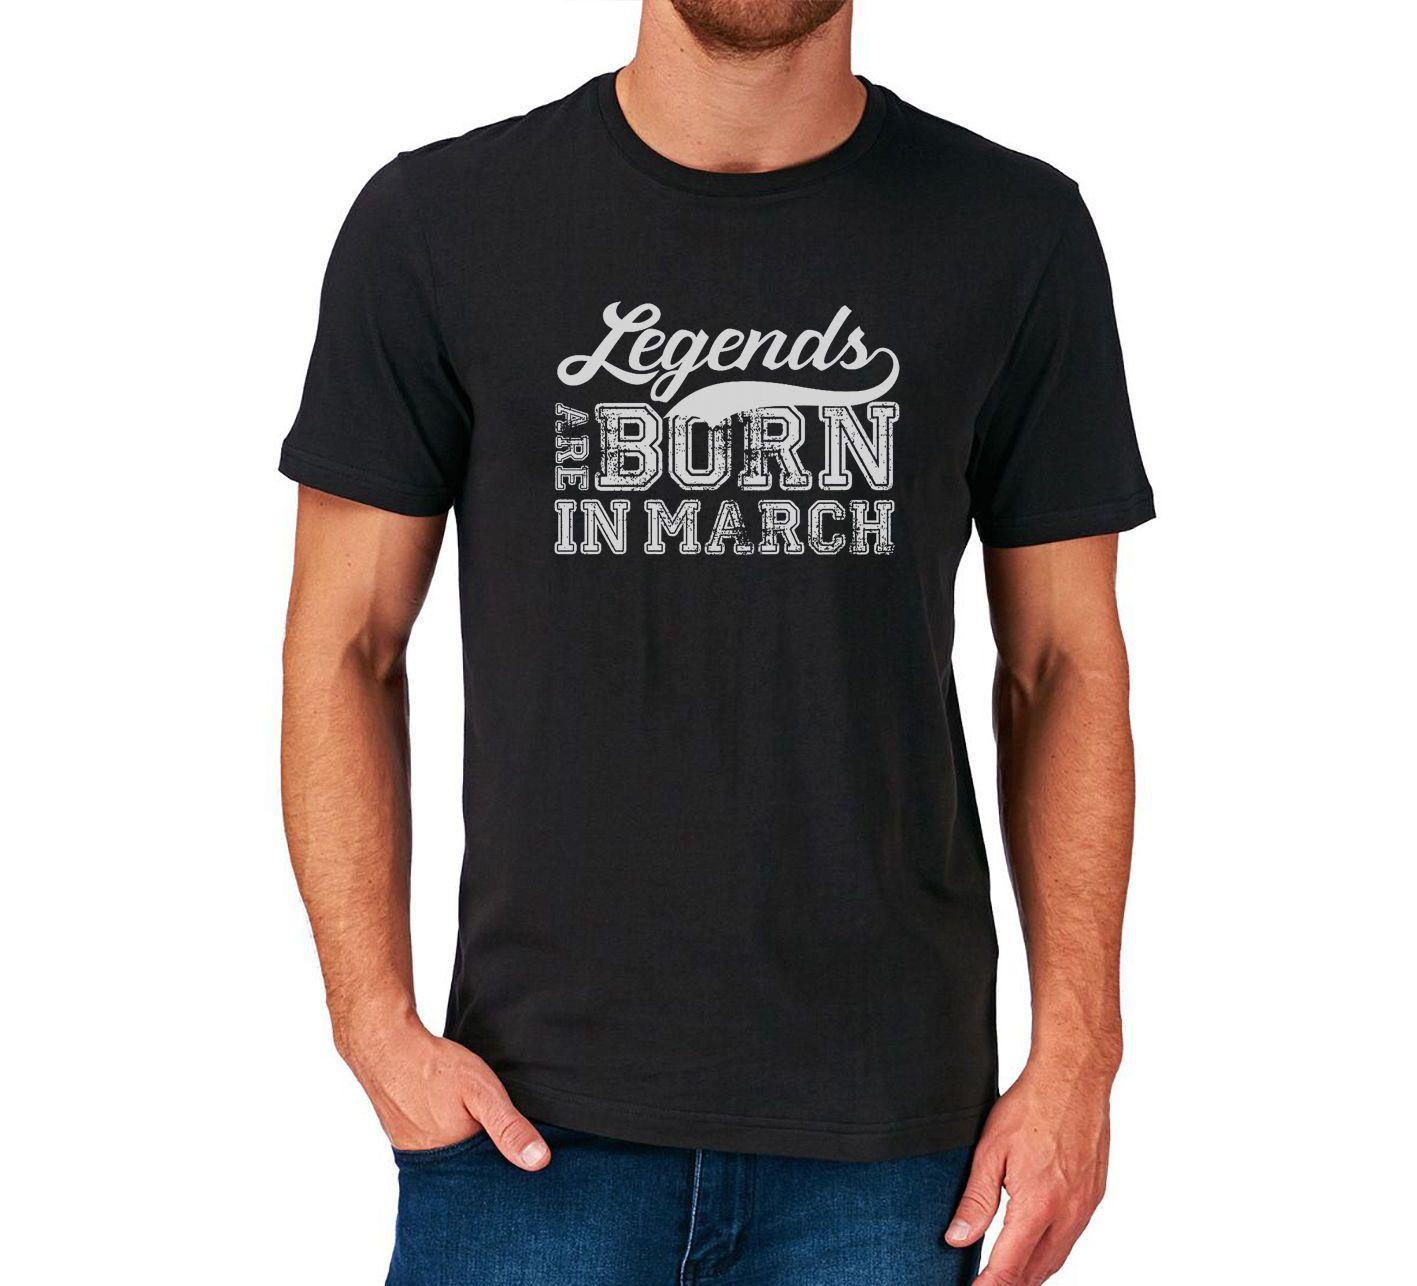 Star Fashion Marzo Regalo De Las Shirt O Mens Camisetas Presente Neck T Cumpleaños 100Cotton Brand Taurus Sign Son Nacidos En Aries 2018 xrtshQdC